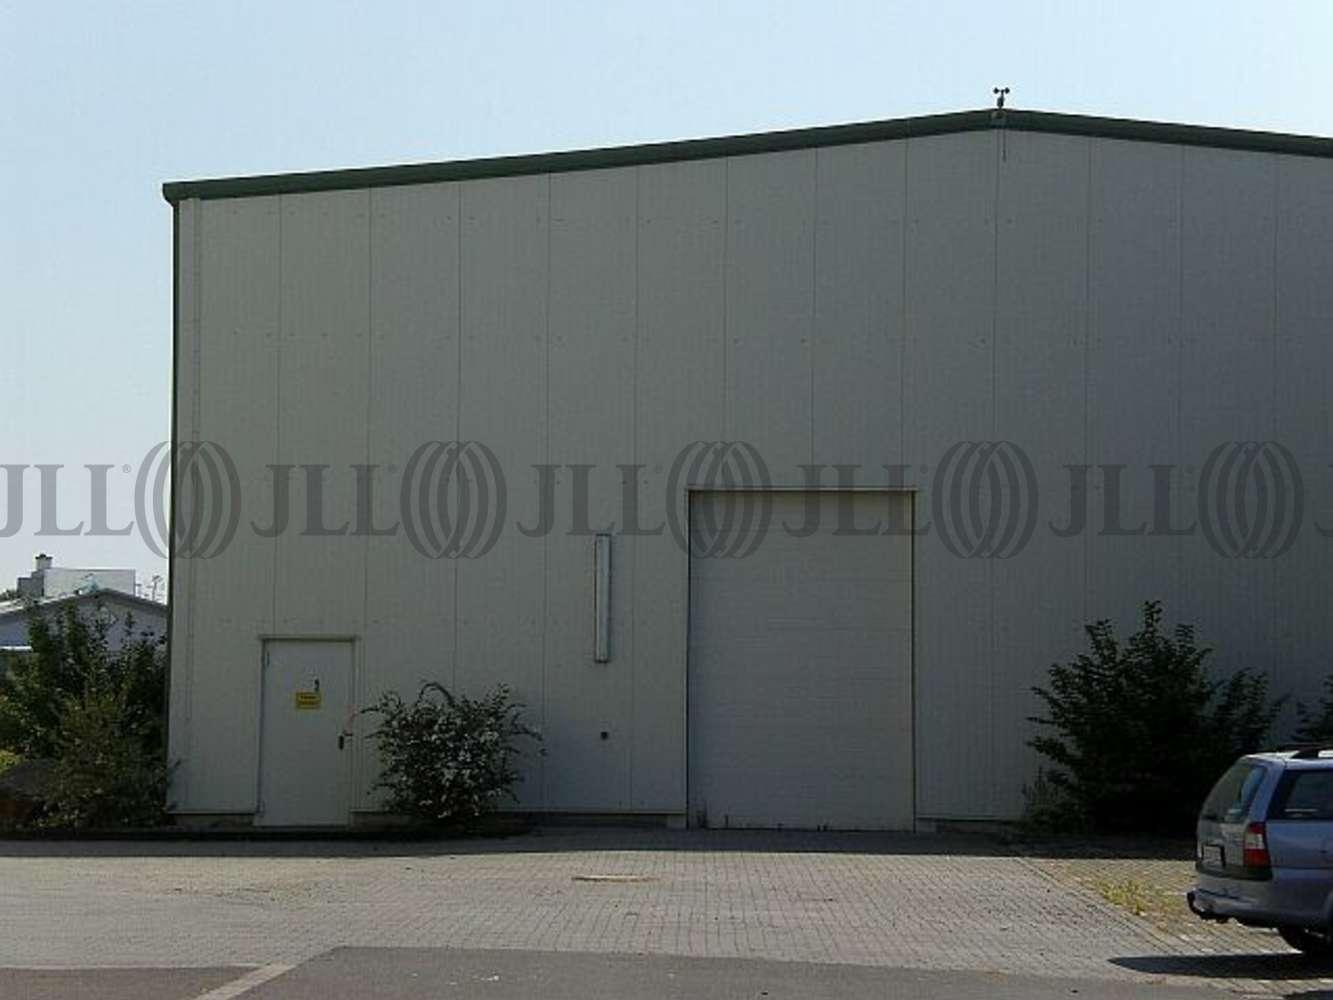 Hallen Ingelheim am rhein, 55218